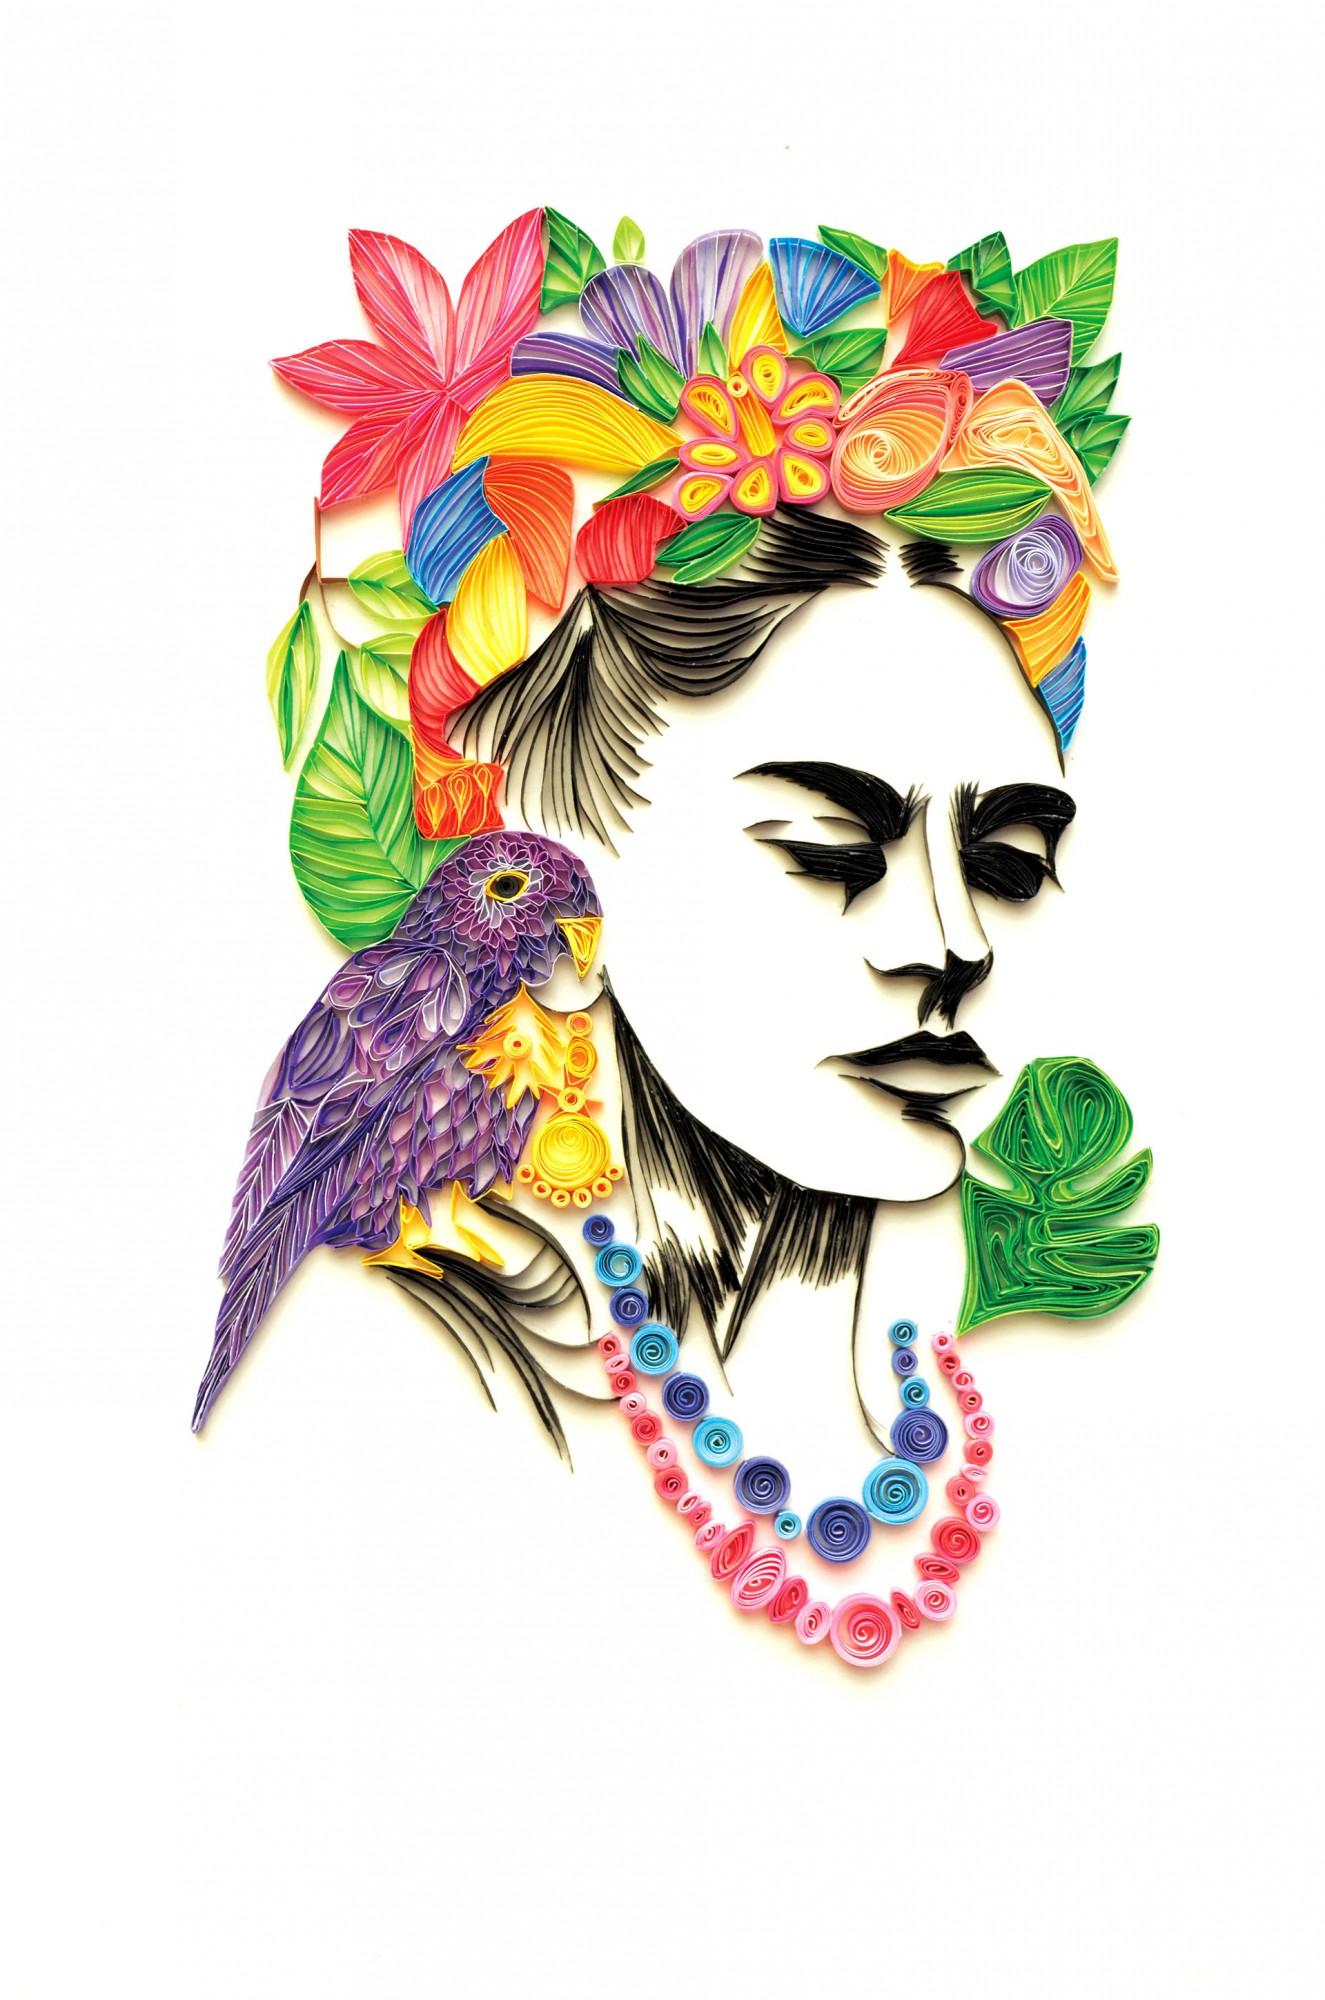 Tamsyn Gutierrez Quilled Paper Art